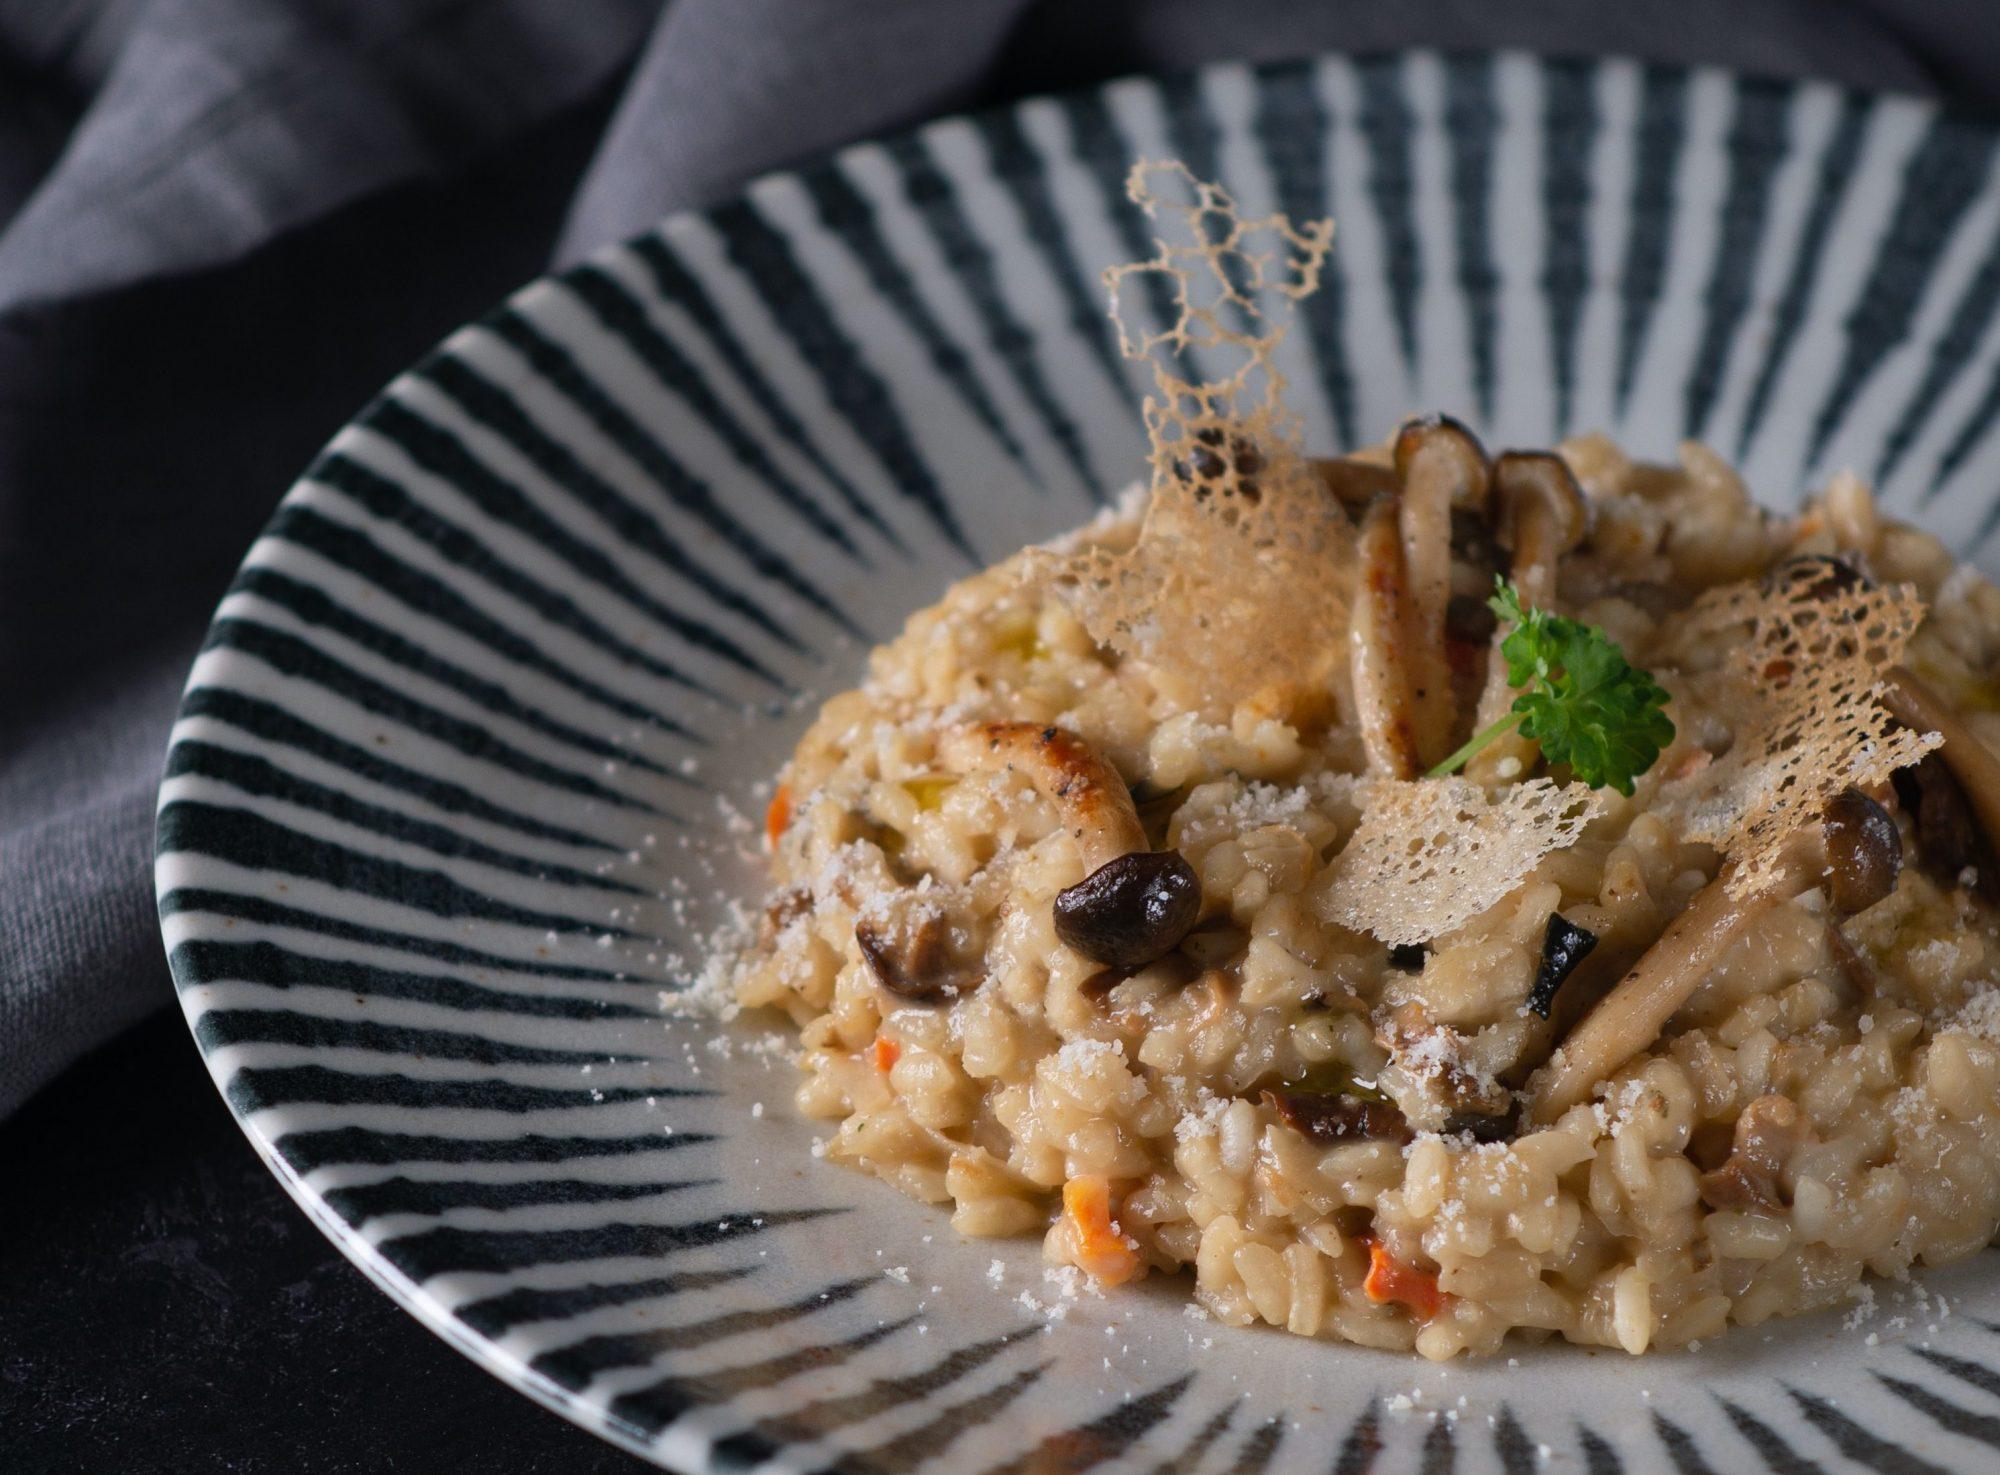 Σήμερα μαγειρεύουμε κριθαρότο με μανιτάρια. Τι καλύτερο; Ο σεφ, Πέτρος Συρίγος, μαγείρεψε το πιο λαχταριστό κριθαρότο με μανιτάρια που ξετρελαίνει μικρούς και μεγάλους.